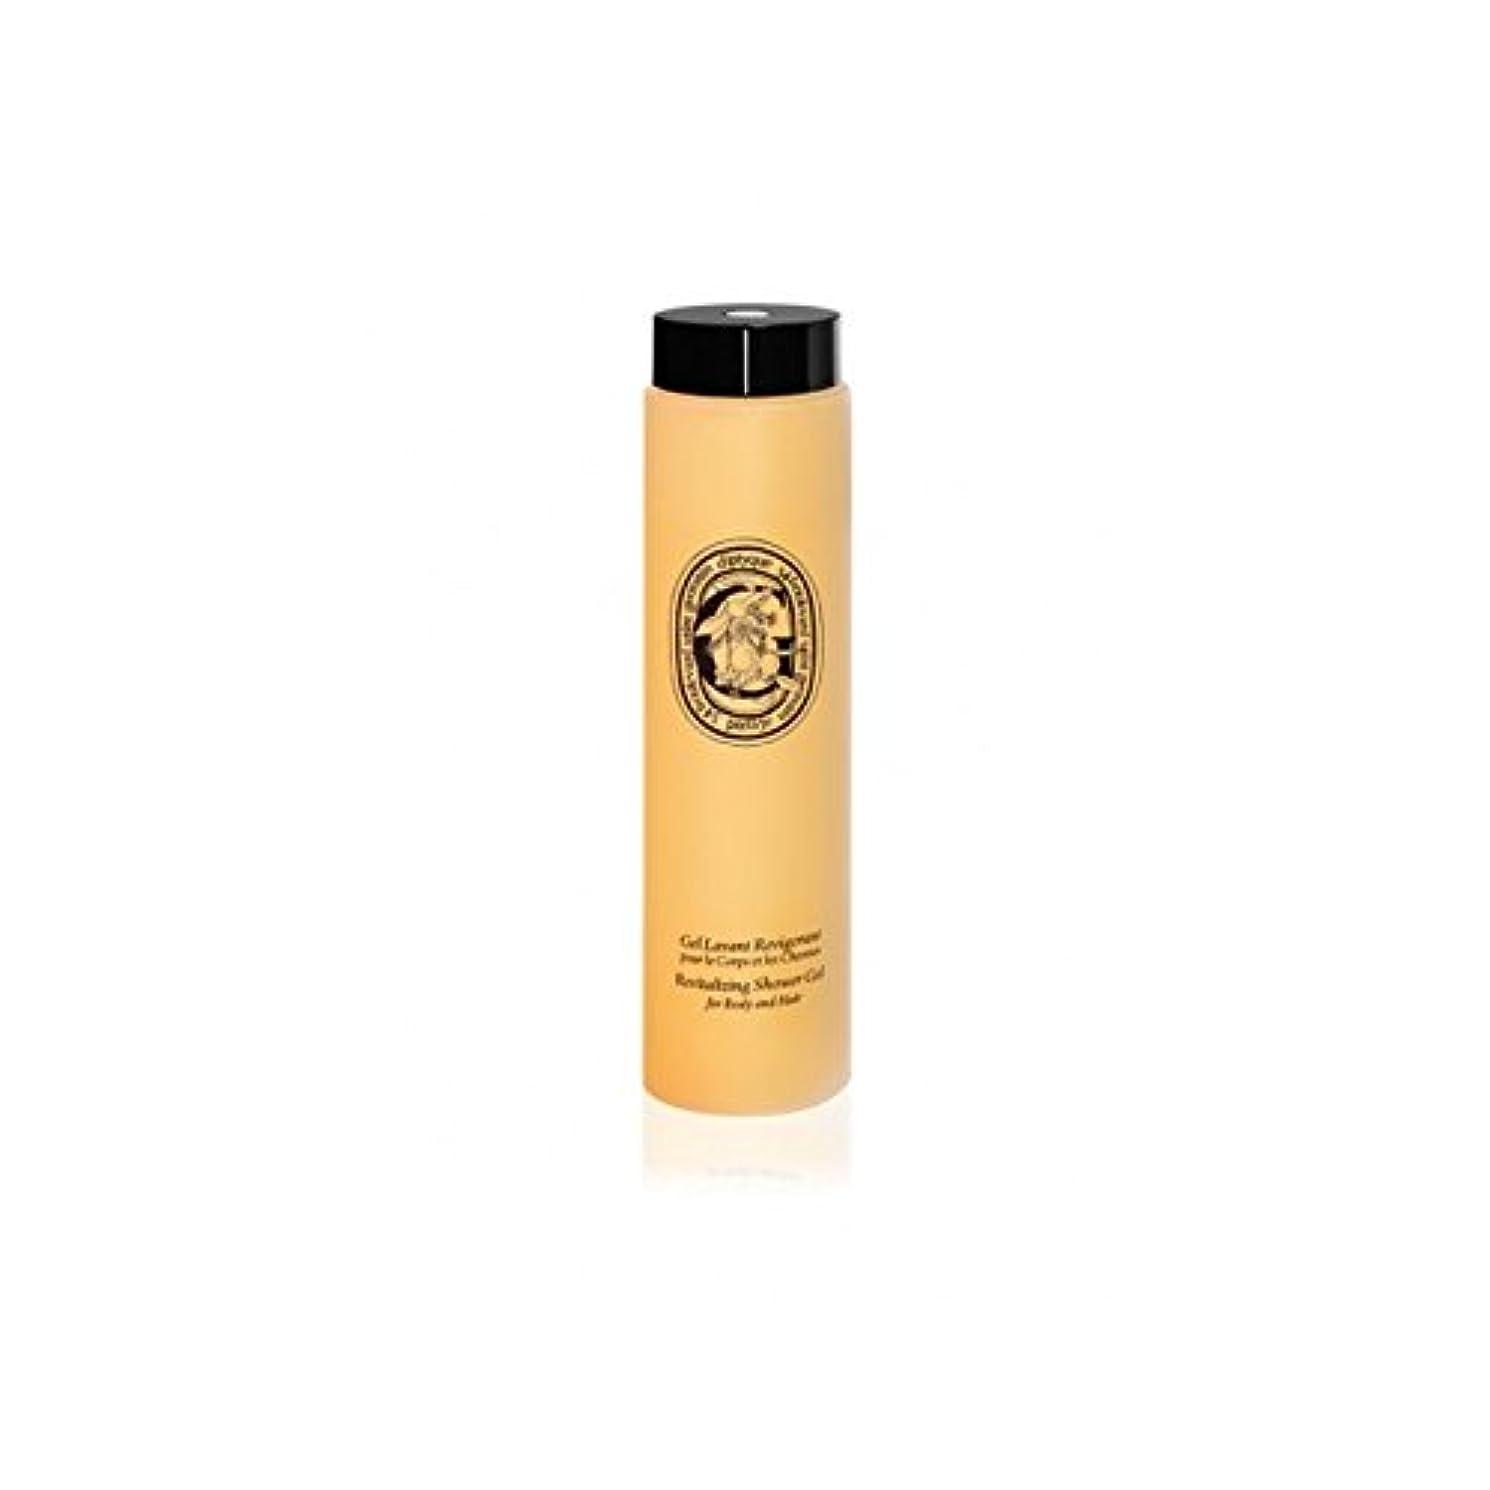 咳おばさん真っ逆さまDiptyque Revitalizing Shower Gel For Body And Hair 200ml (Pack of 2) - ボディ、ヘア200ミリリットルのためDiptyqueのリバイタライジングシャワージェル...